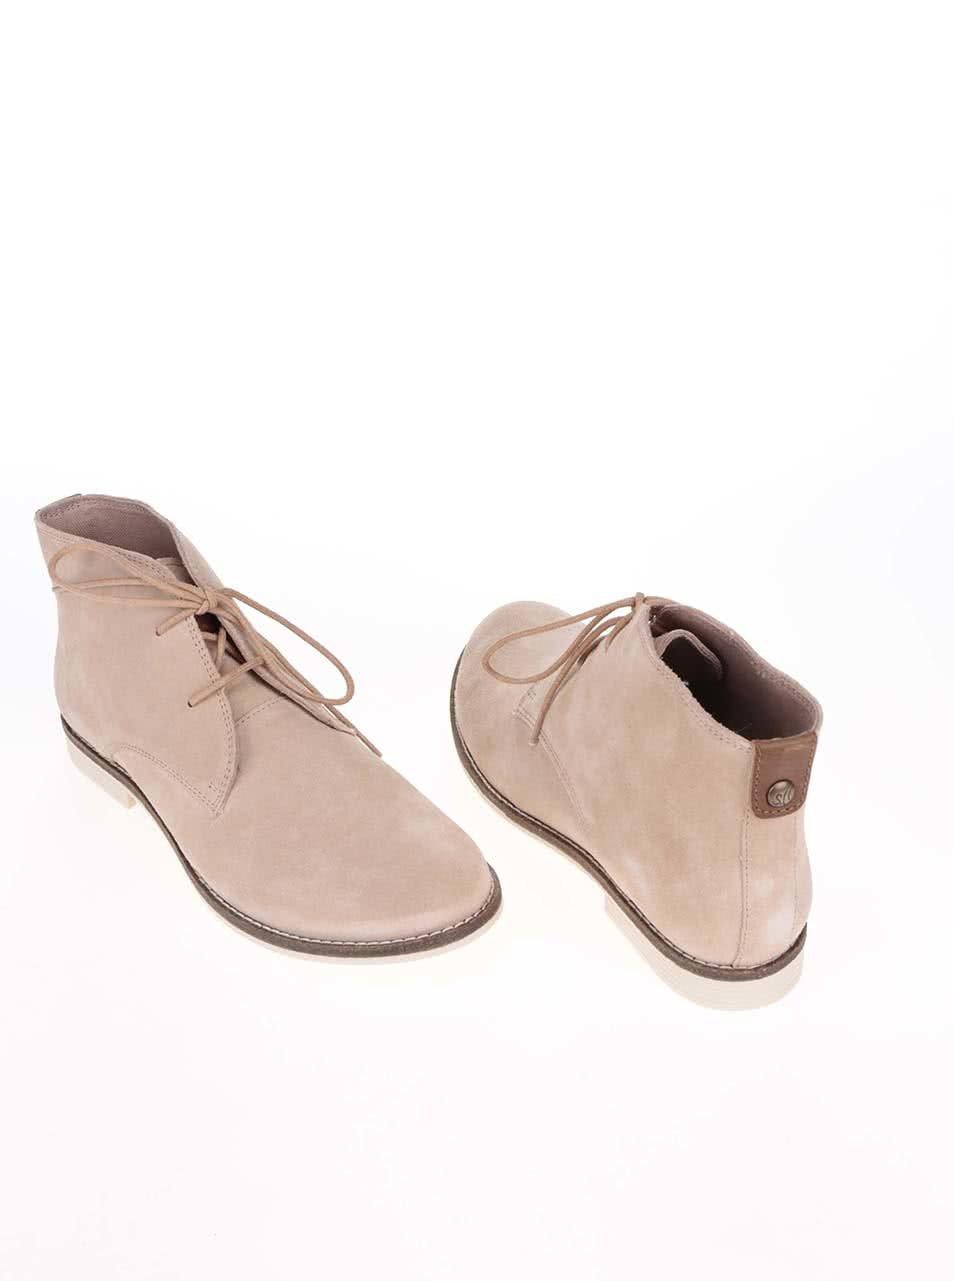 4c7d3920540d Krémové dámske kožené členkové topánky s.Oliver ...